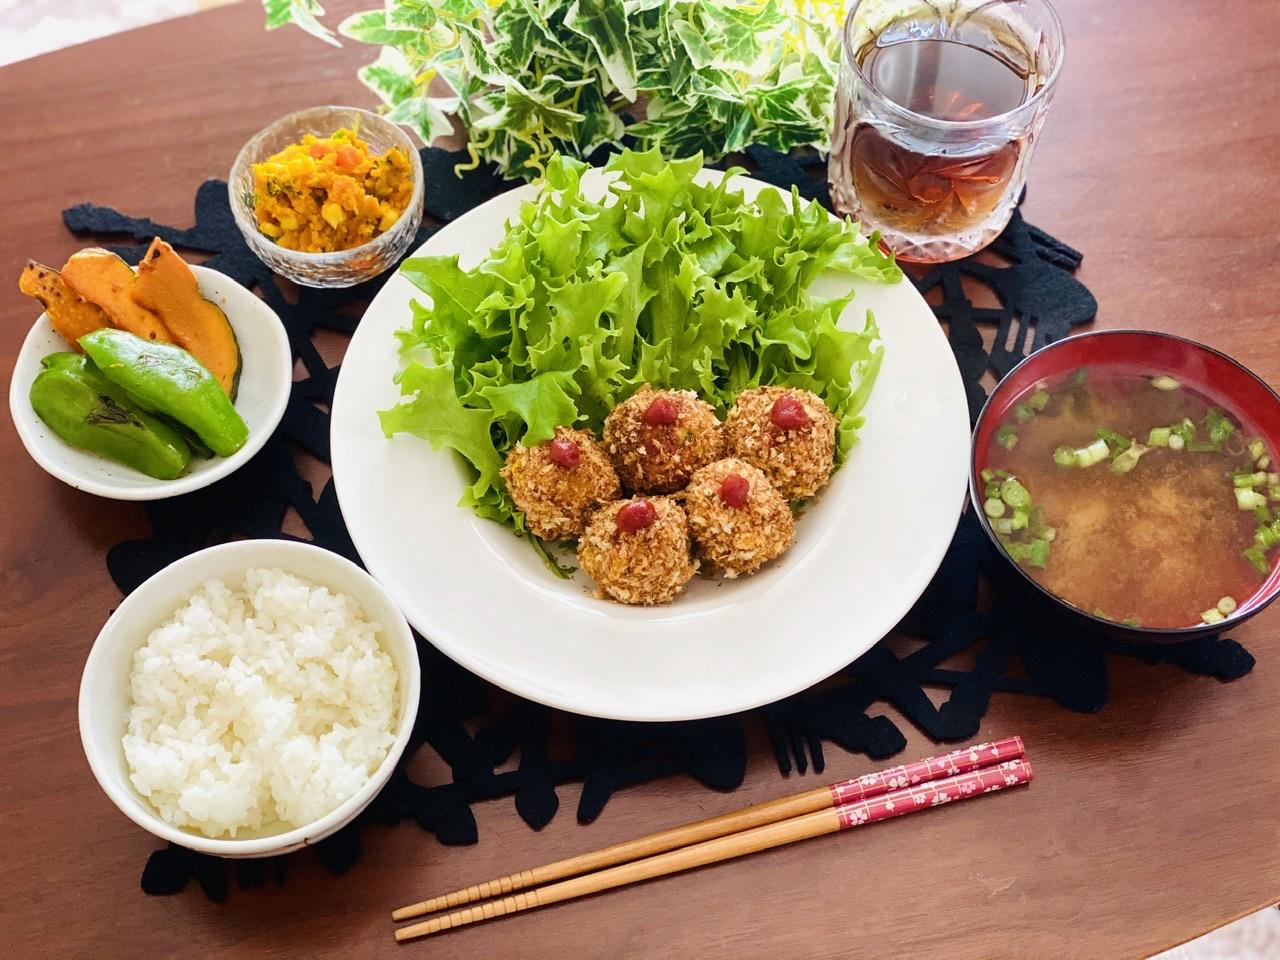 【今月のお家ごはん】アラサー女子の食卓!作り置きおかずでラク晩ご飯♡-Vol.18-_9